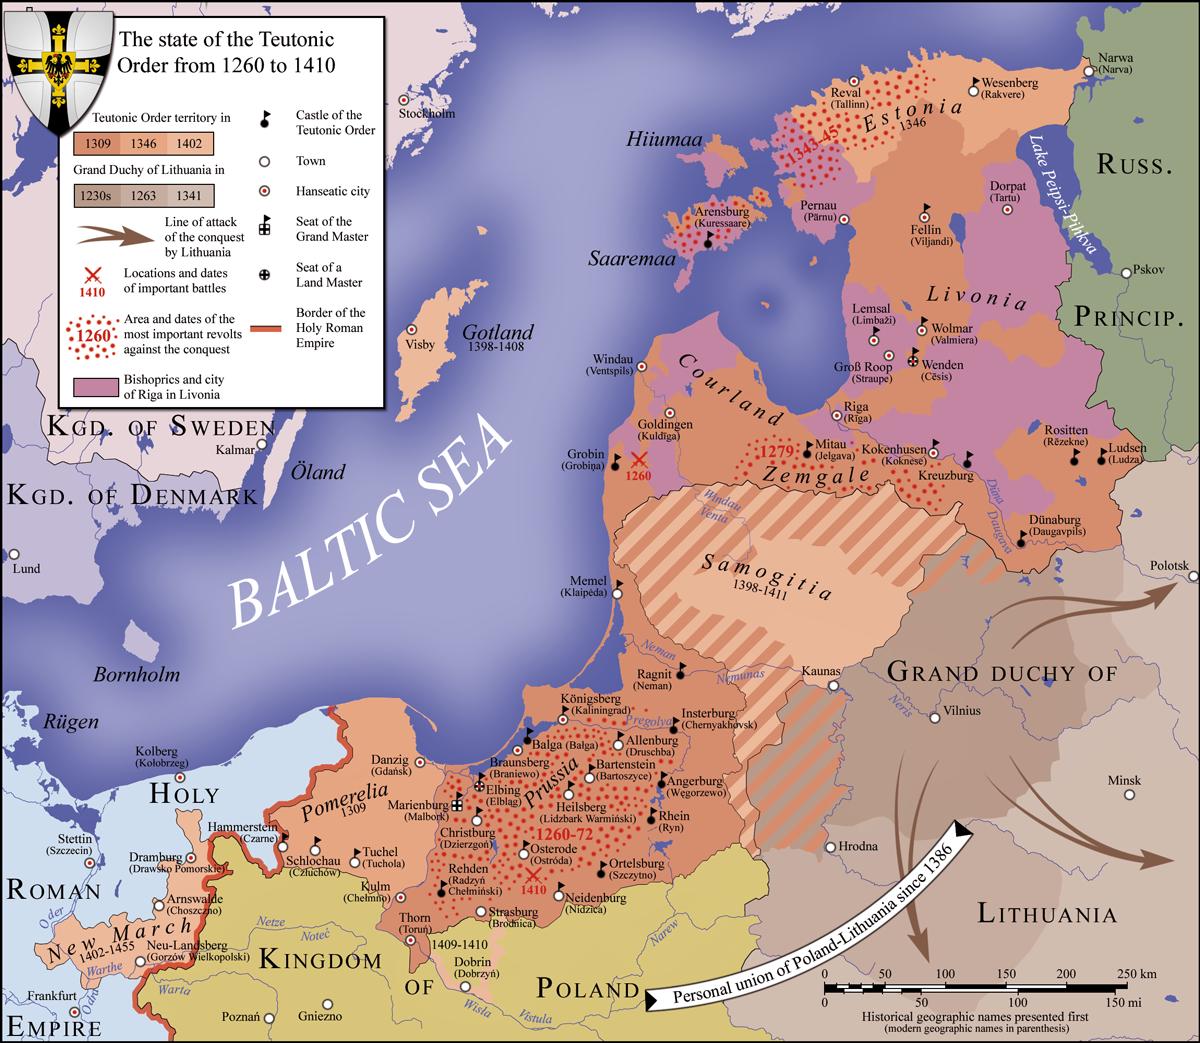 Территория государства Тевтонского ордена в период между 1260 и 1410 годами